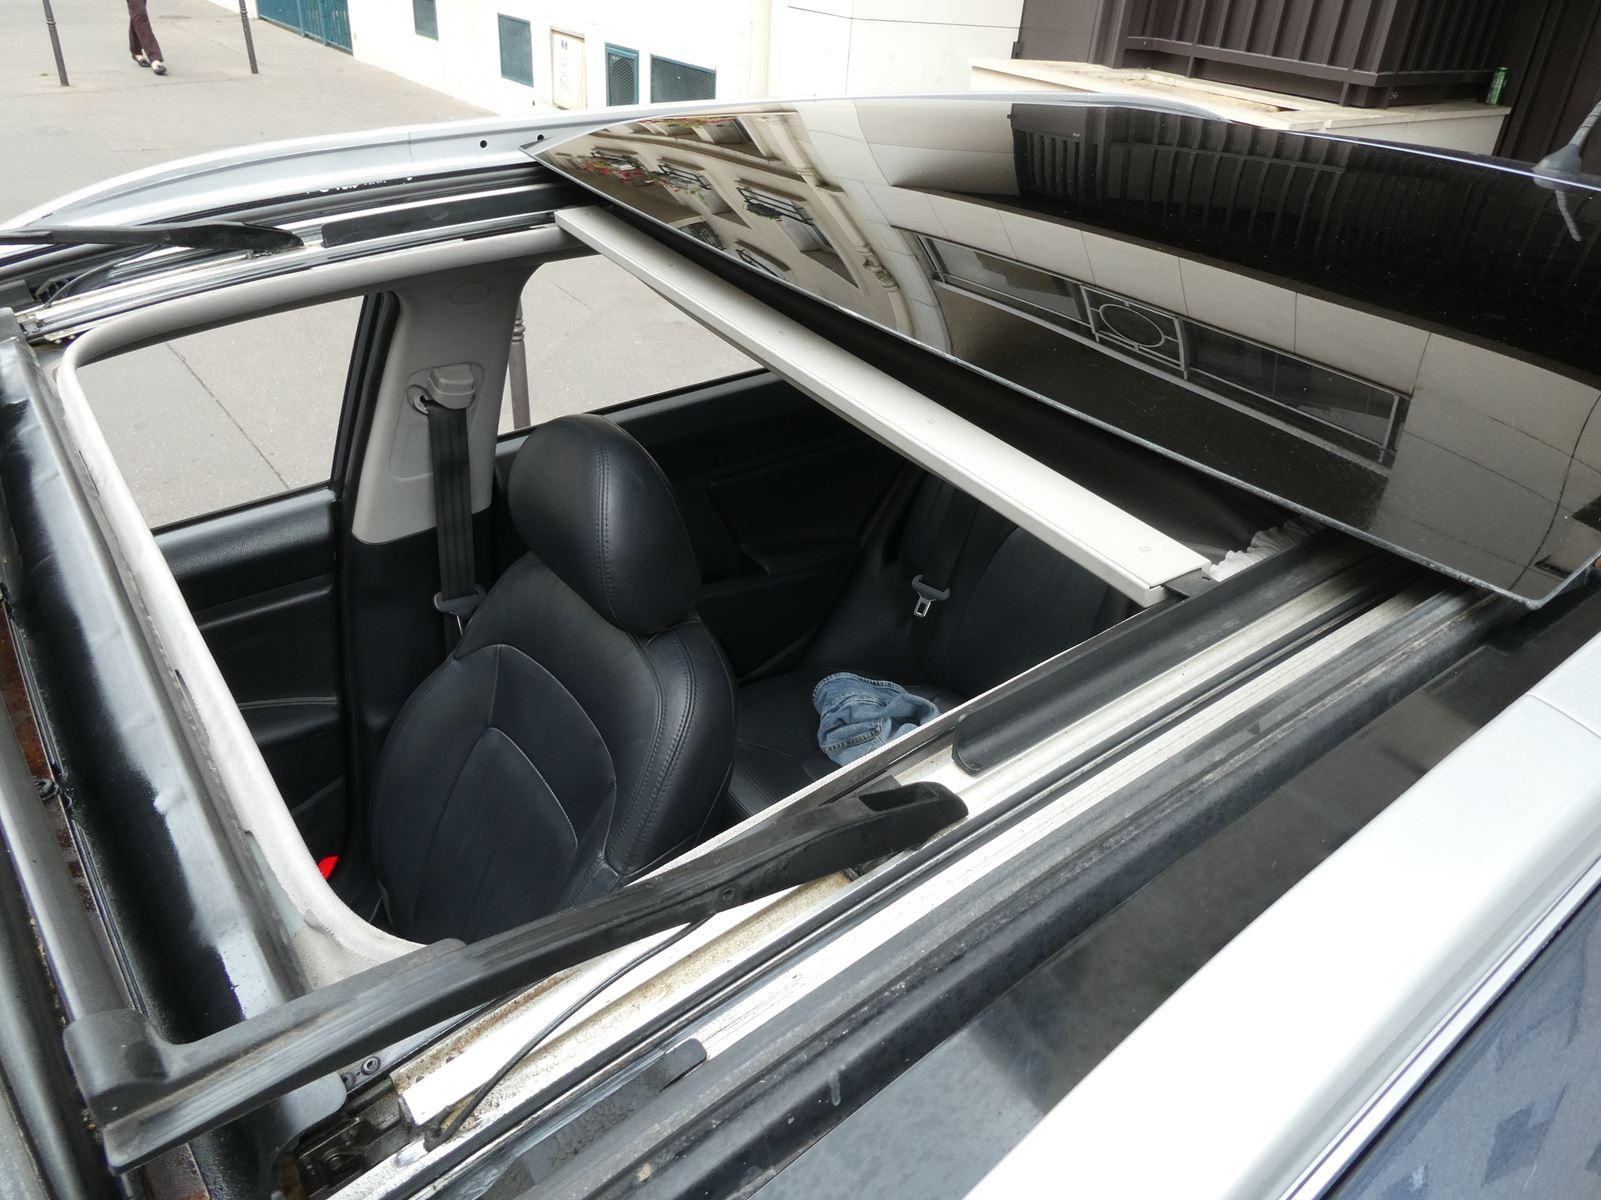 Kia Sportage 2.0 AWD Automatic 163 ch 15